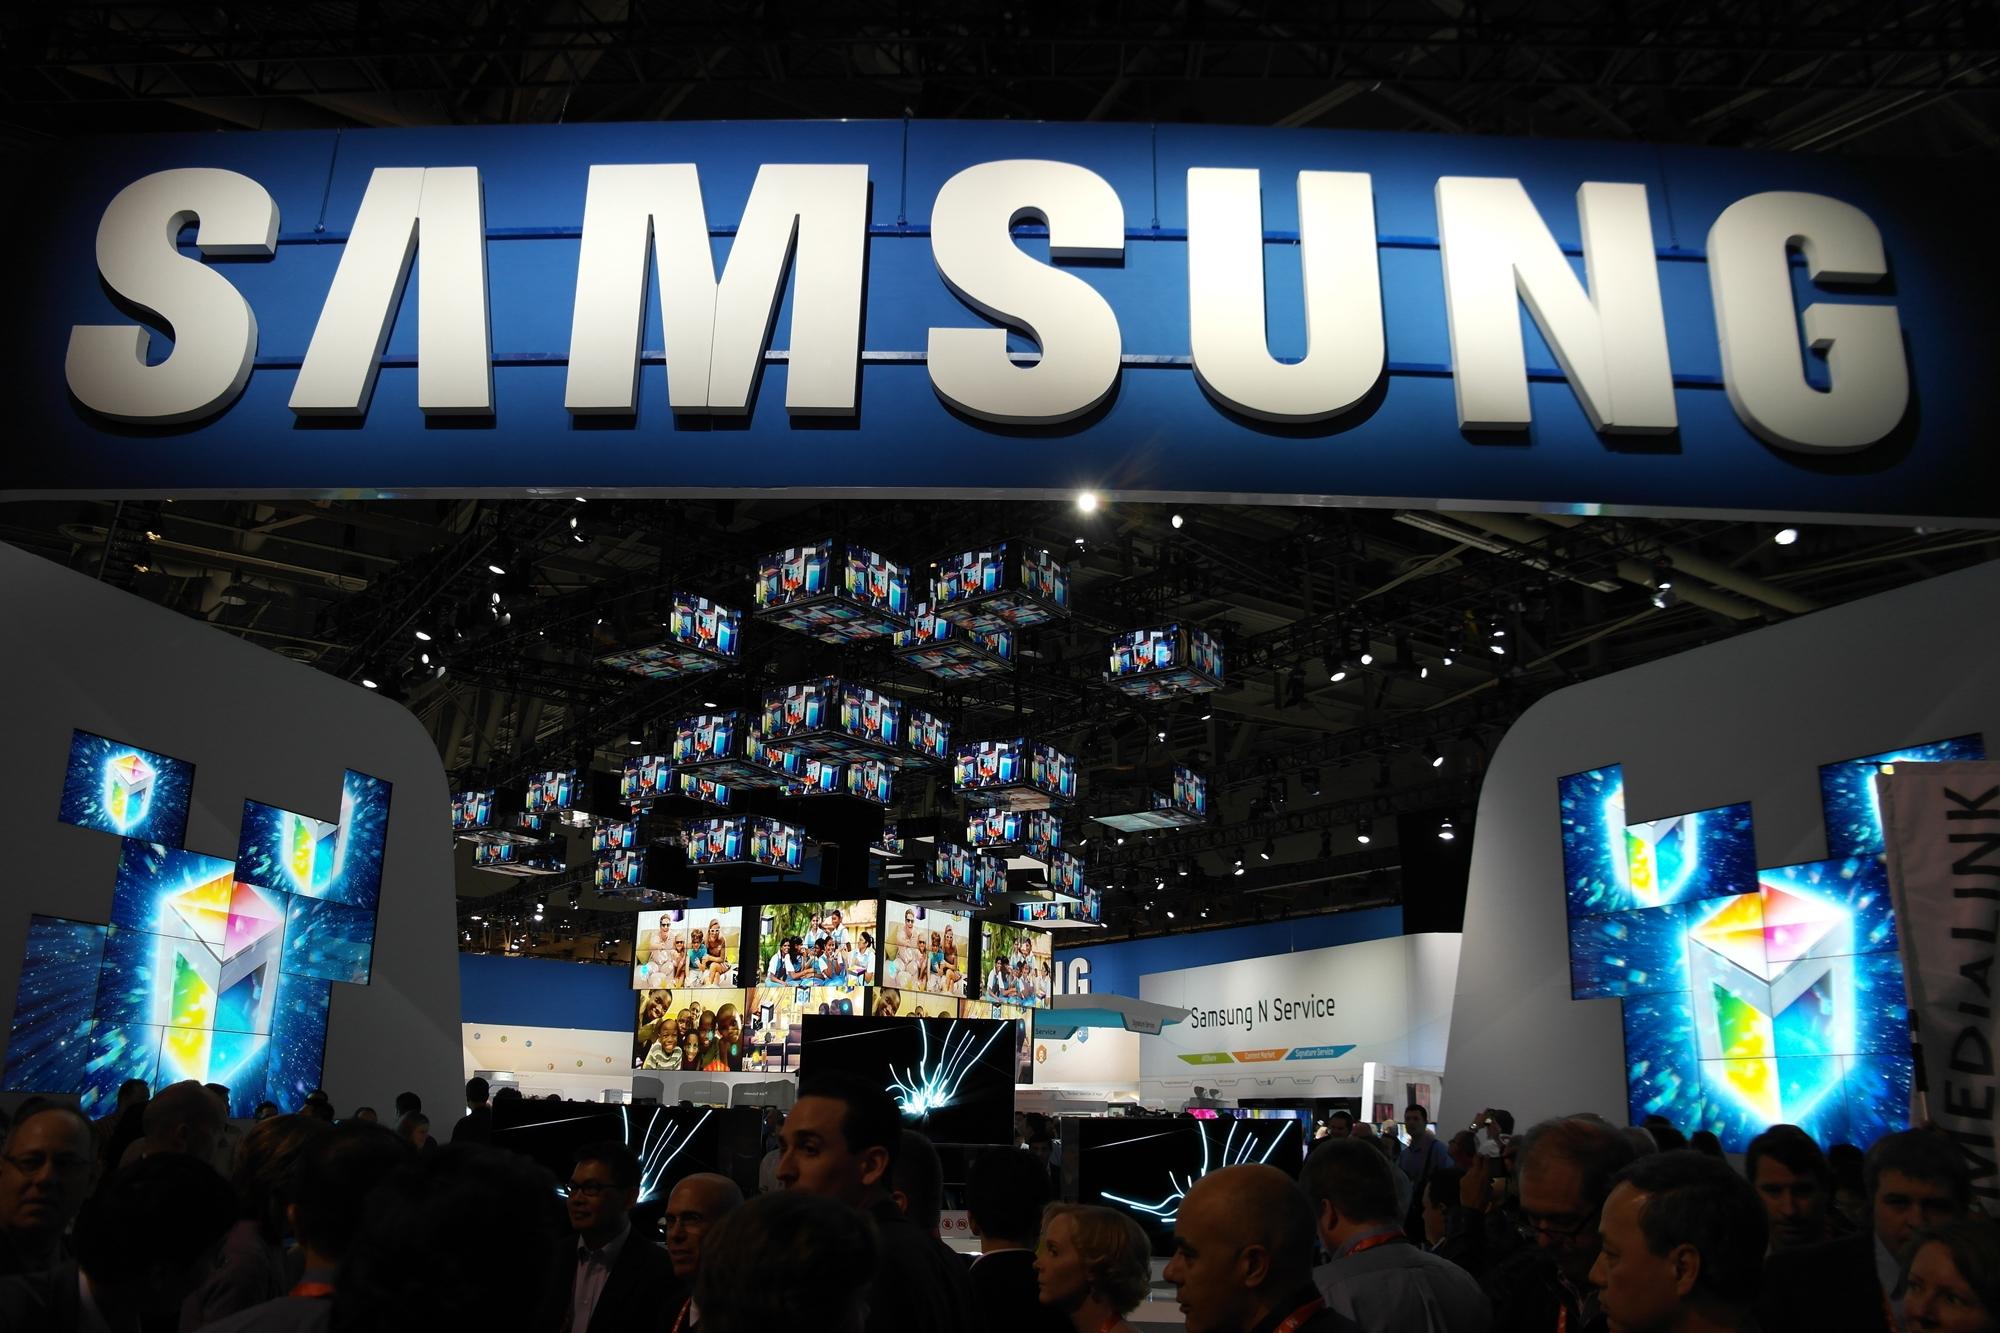 Samsung додатково інвестує $1 мільярд в LED і LCD